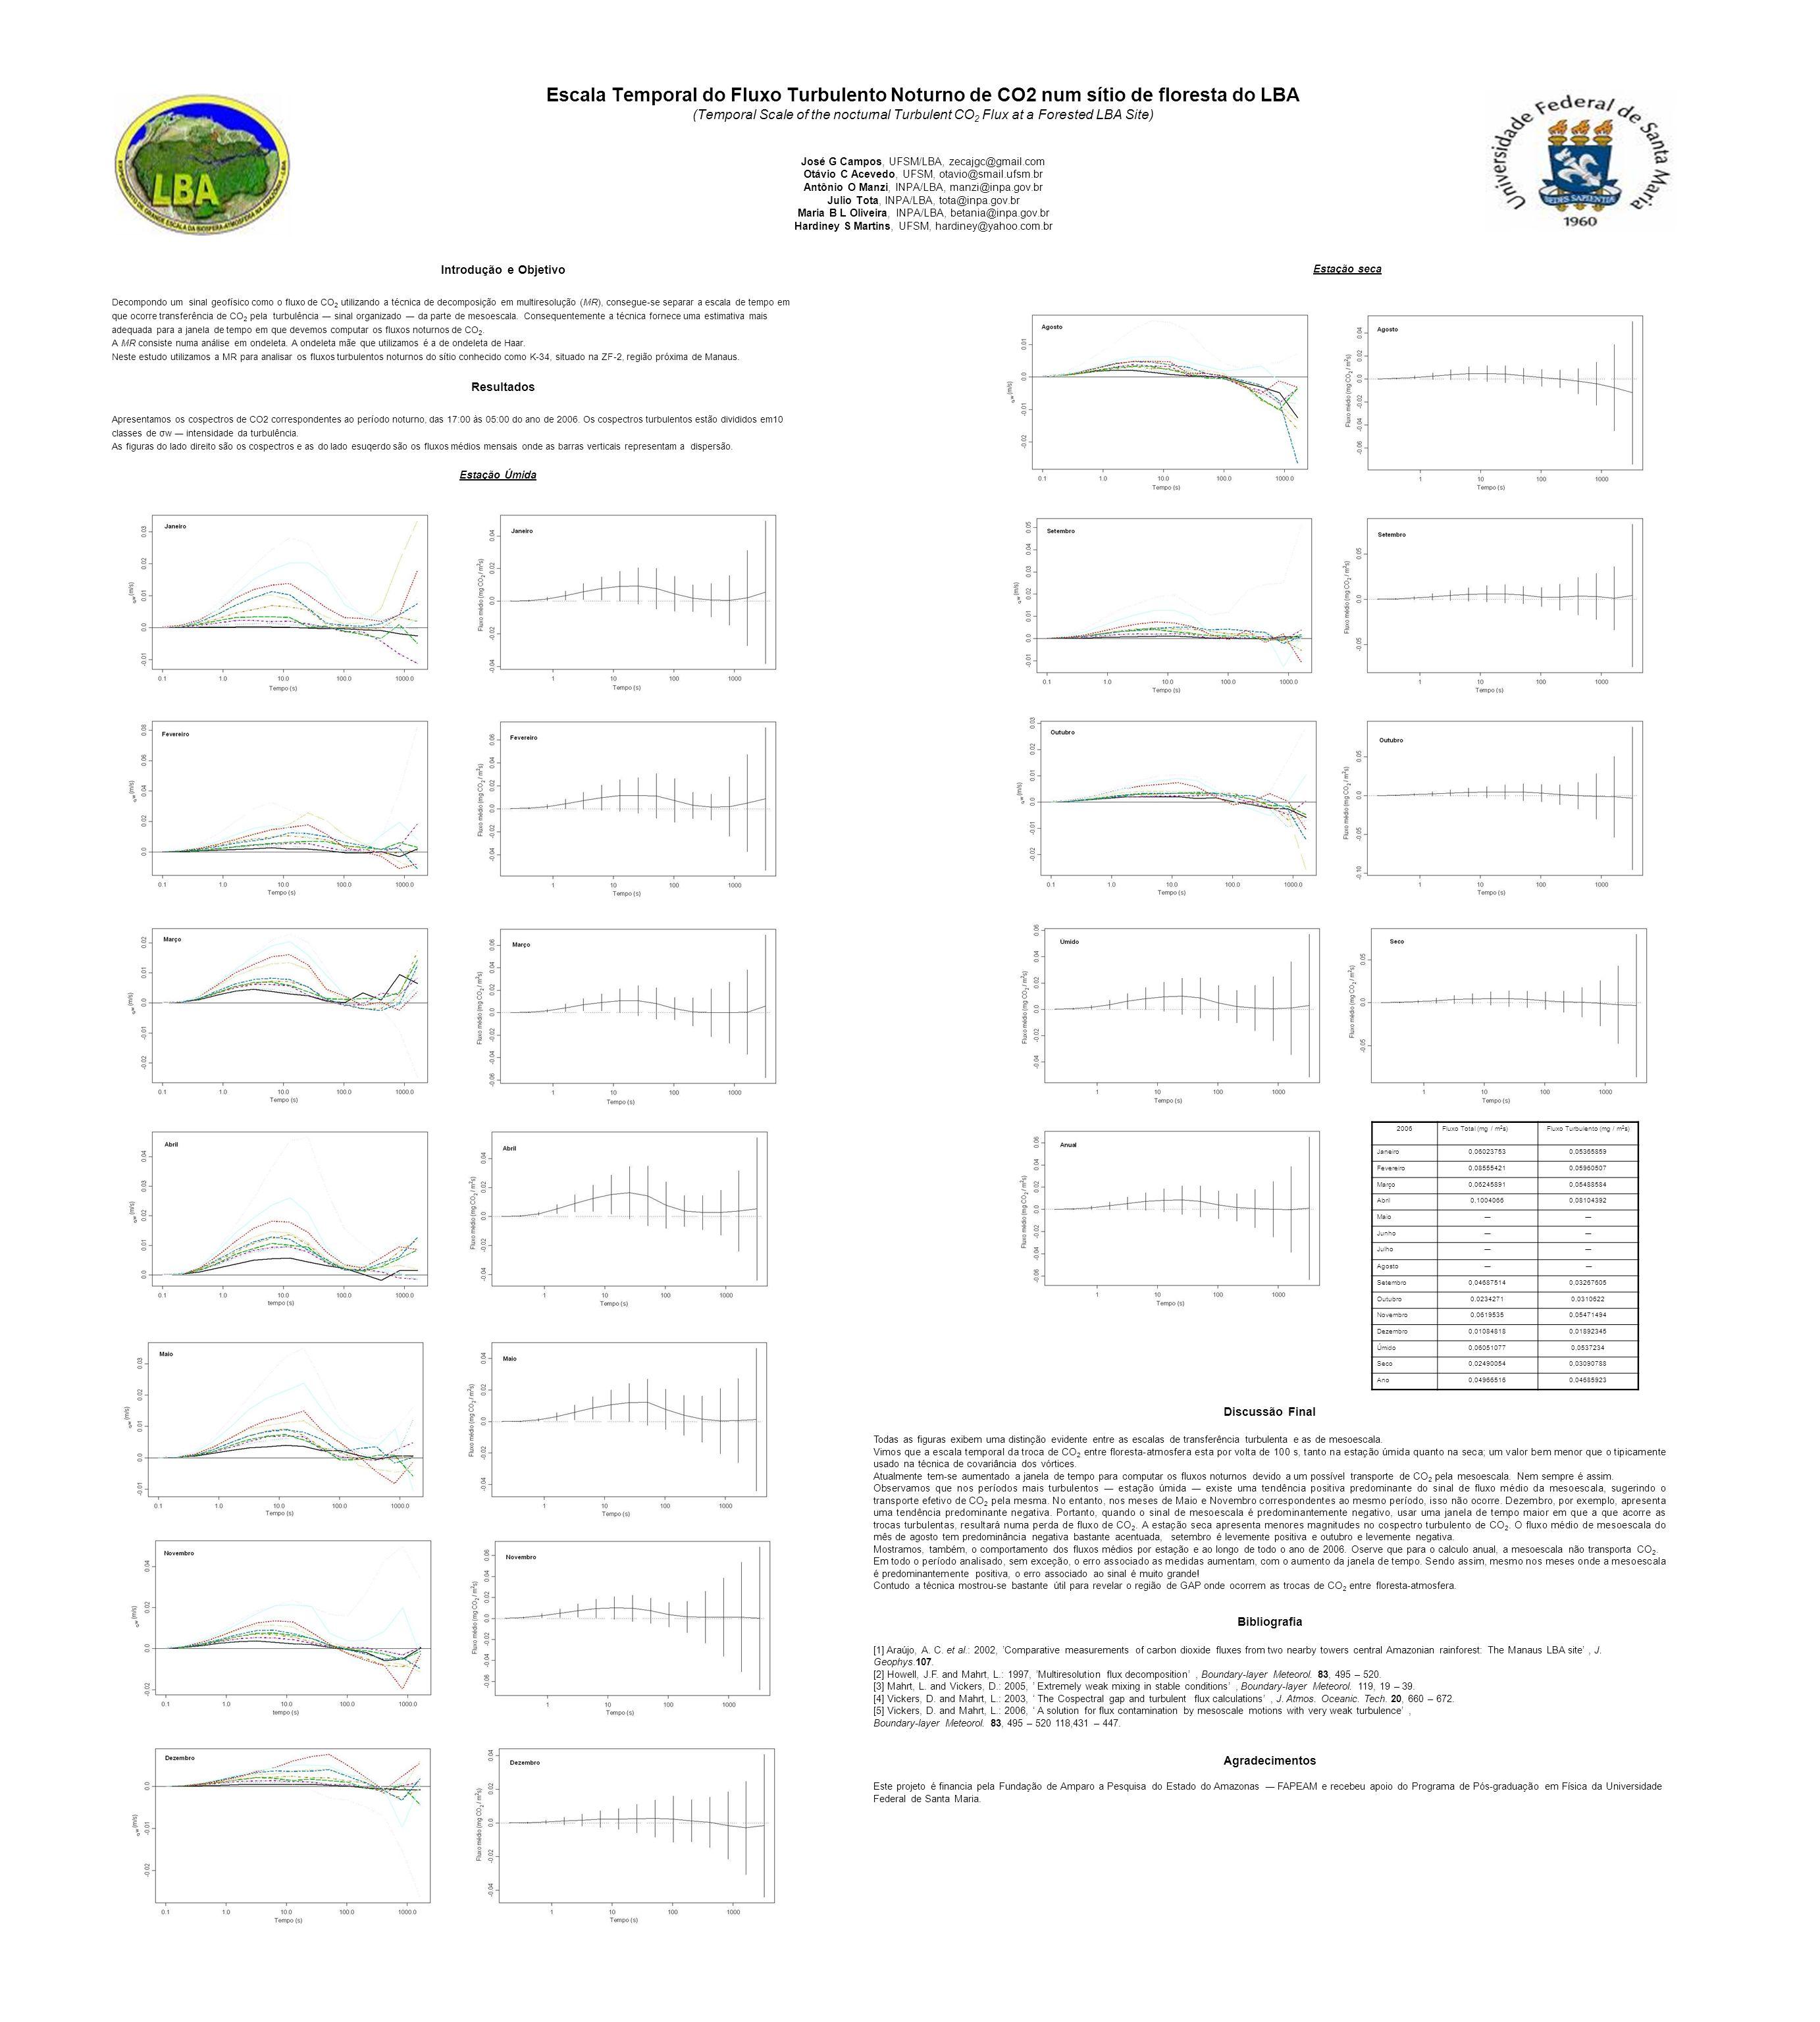 Escala Temporal do Fluxo Turbulento Noturno de CO2 num sítio de floresta do LBA (Temporal Scale of the nocturnal Turbulent CO 2 Flux at a Forested LBA